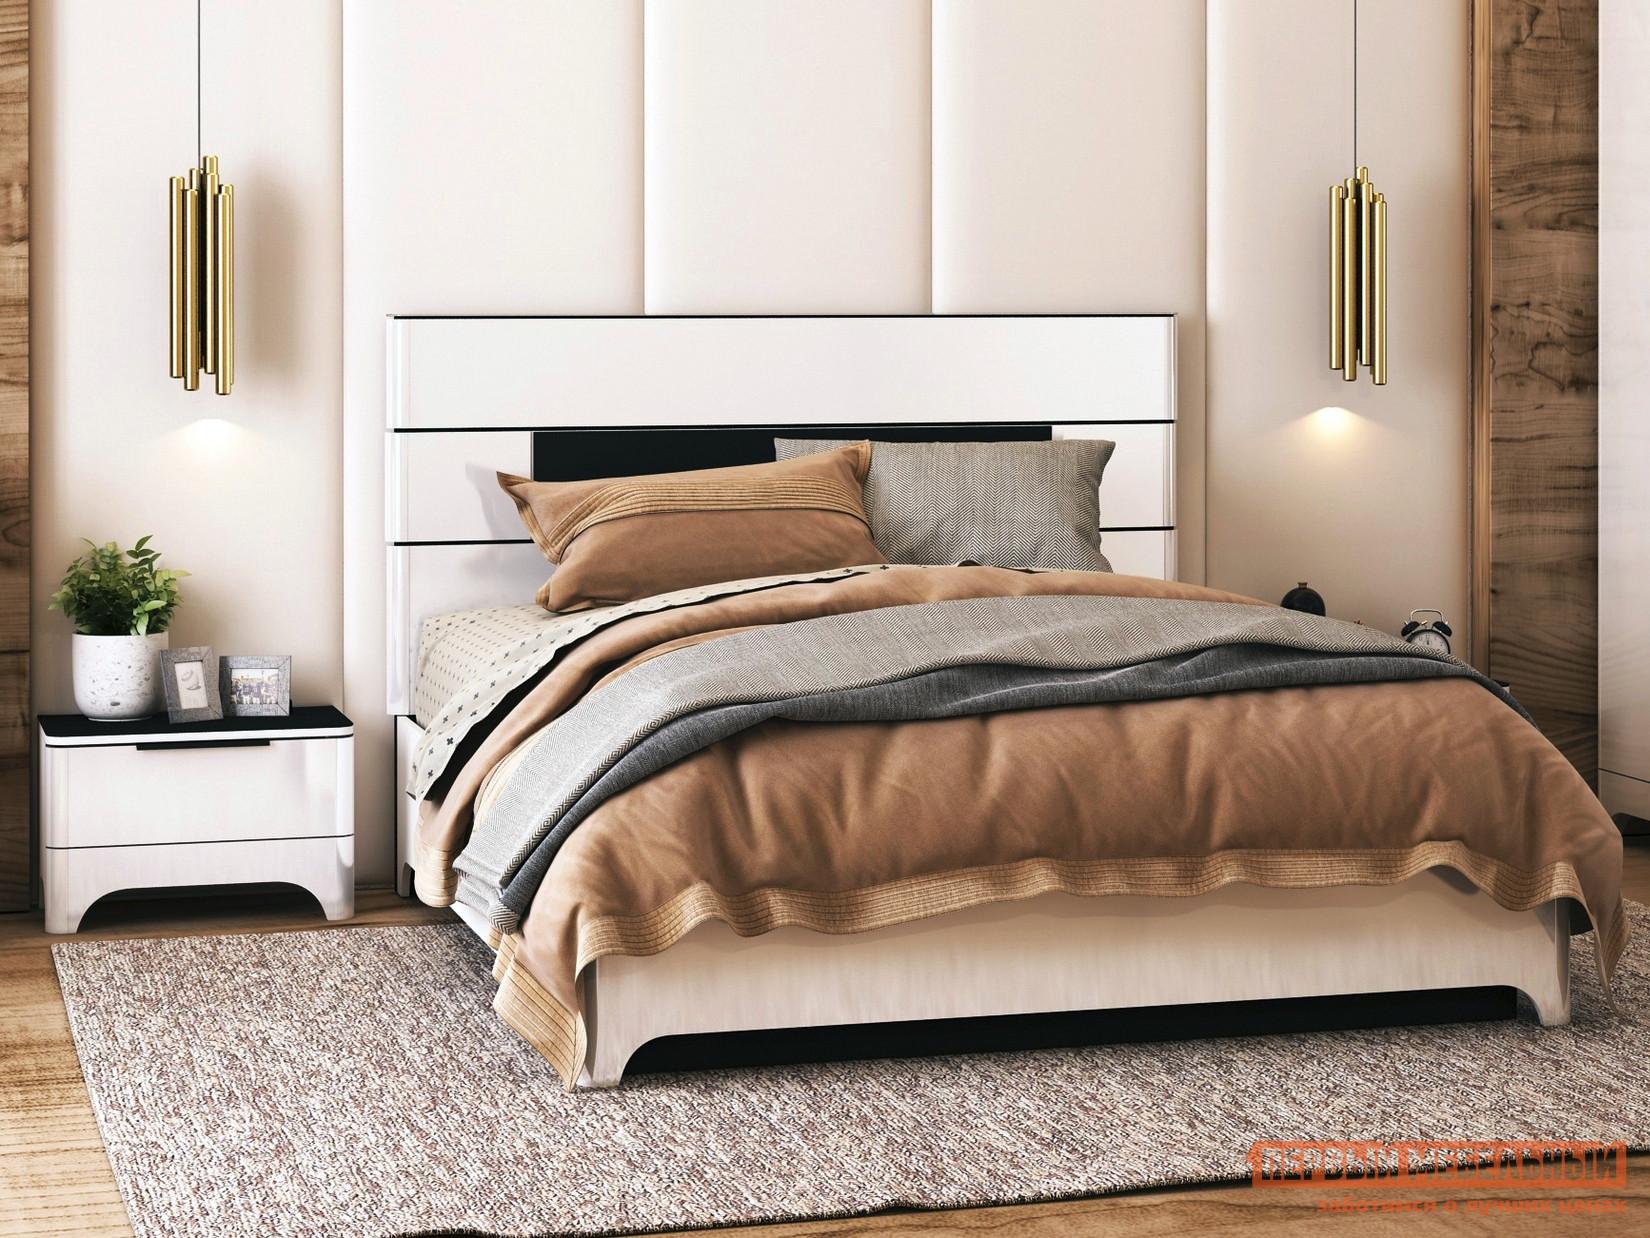 Двуспальная кровать с подъемным механизмом ТД Арника Танго 05 с ПМ двуспальная кровать askona grace пм